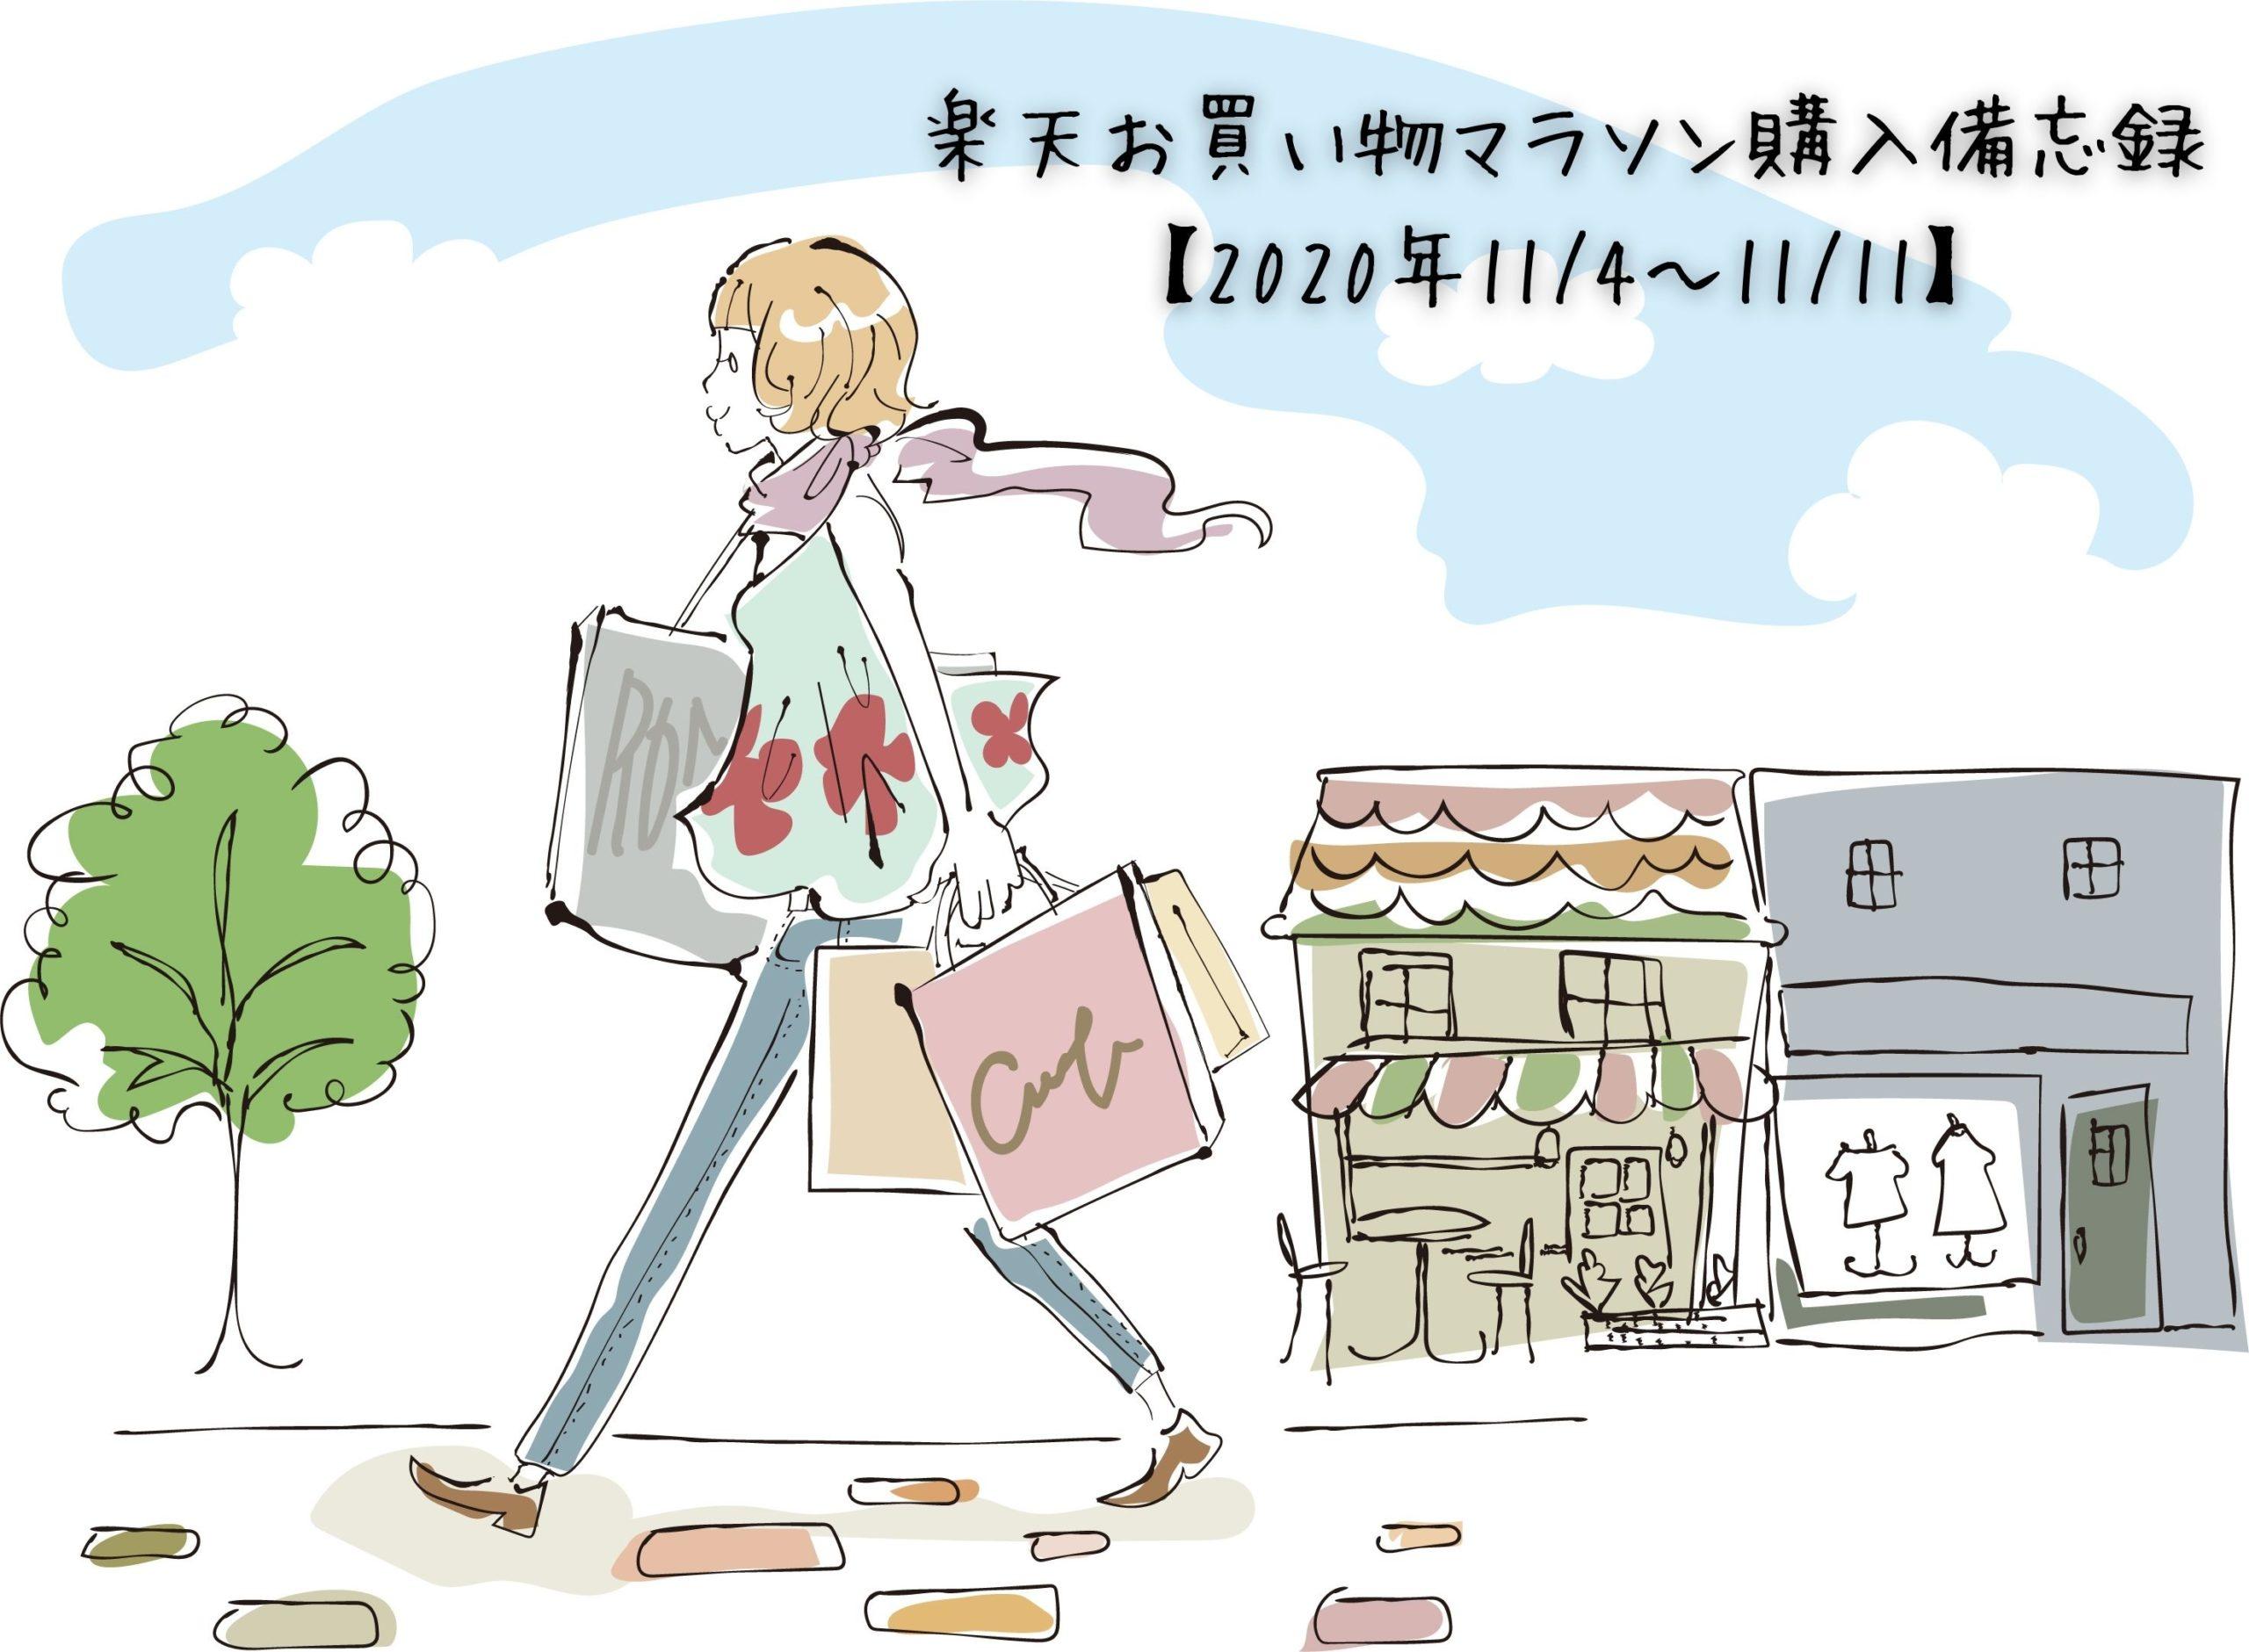 楽天お買い物マラソン購入備忘録 【2020年11_4~11_11】